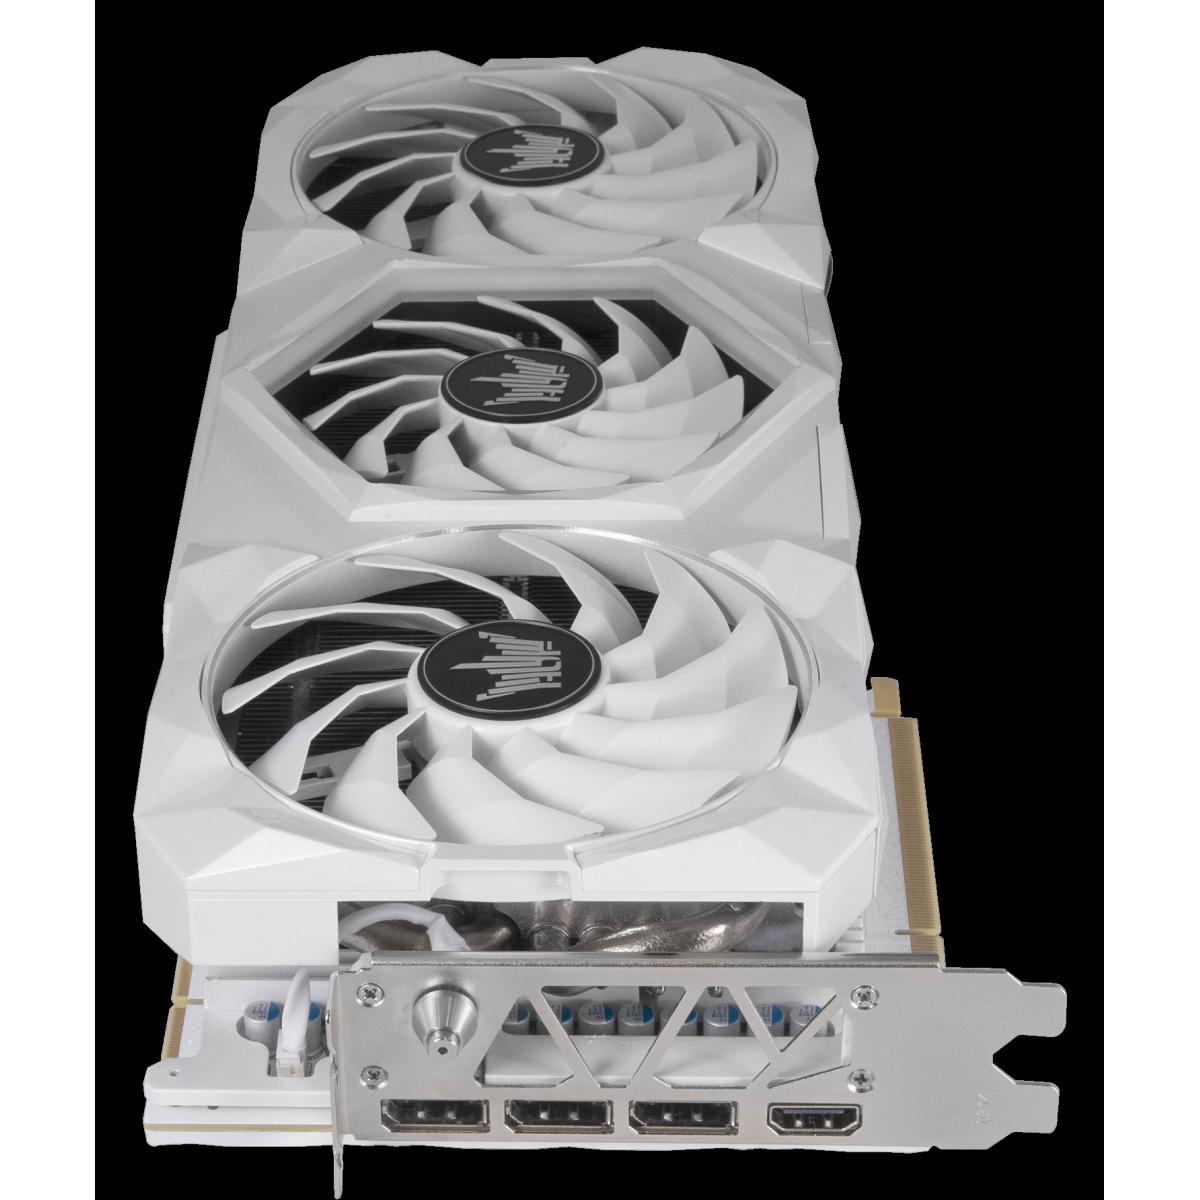 Placa de Video Galax GeForce RTX 3090 HOF Premium, 24GB, GDDR6X, 384bit, 39NXM5MD3BMG